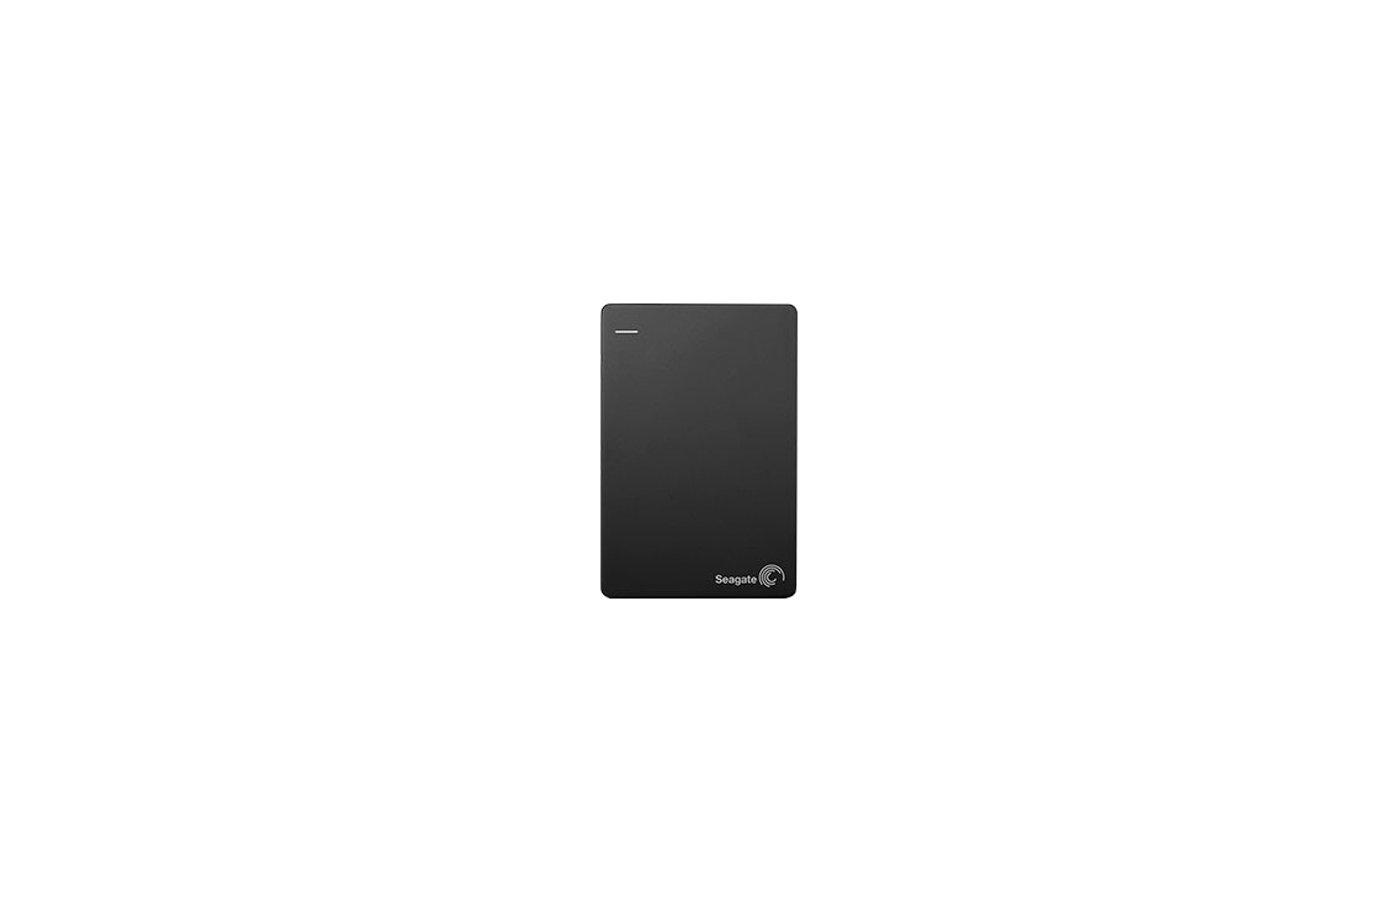 Внешний жесткий диск Seagate STDR1000200 1Tb Backup Plus USB 3.0 черный